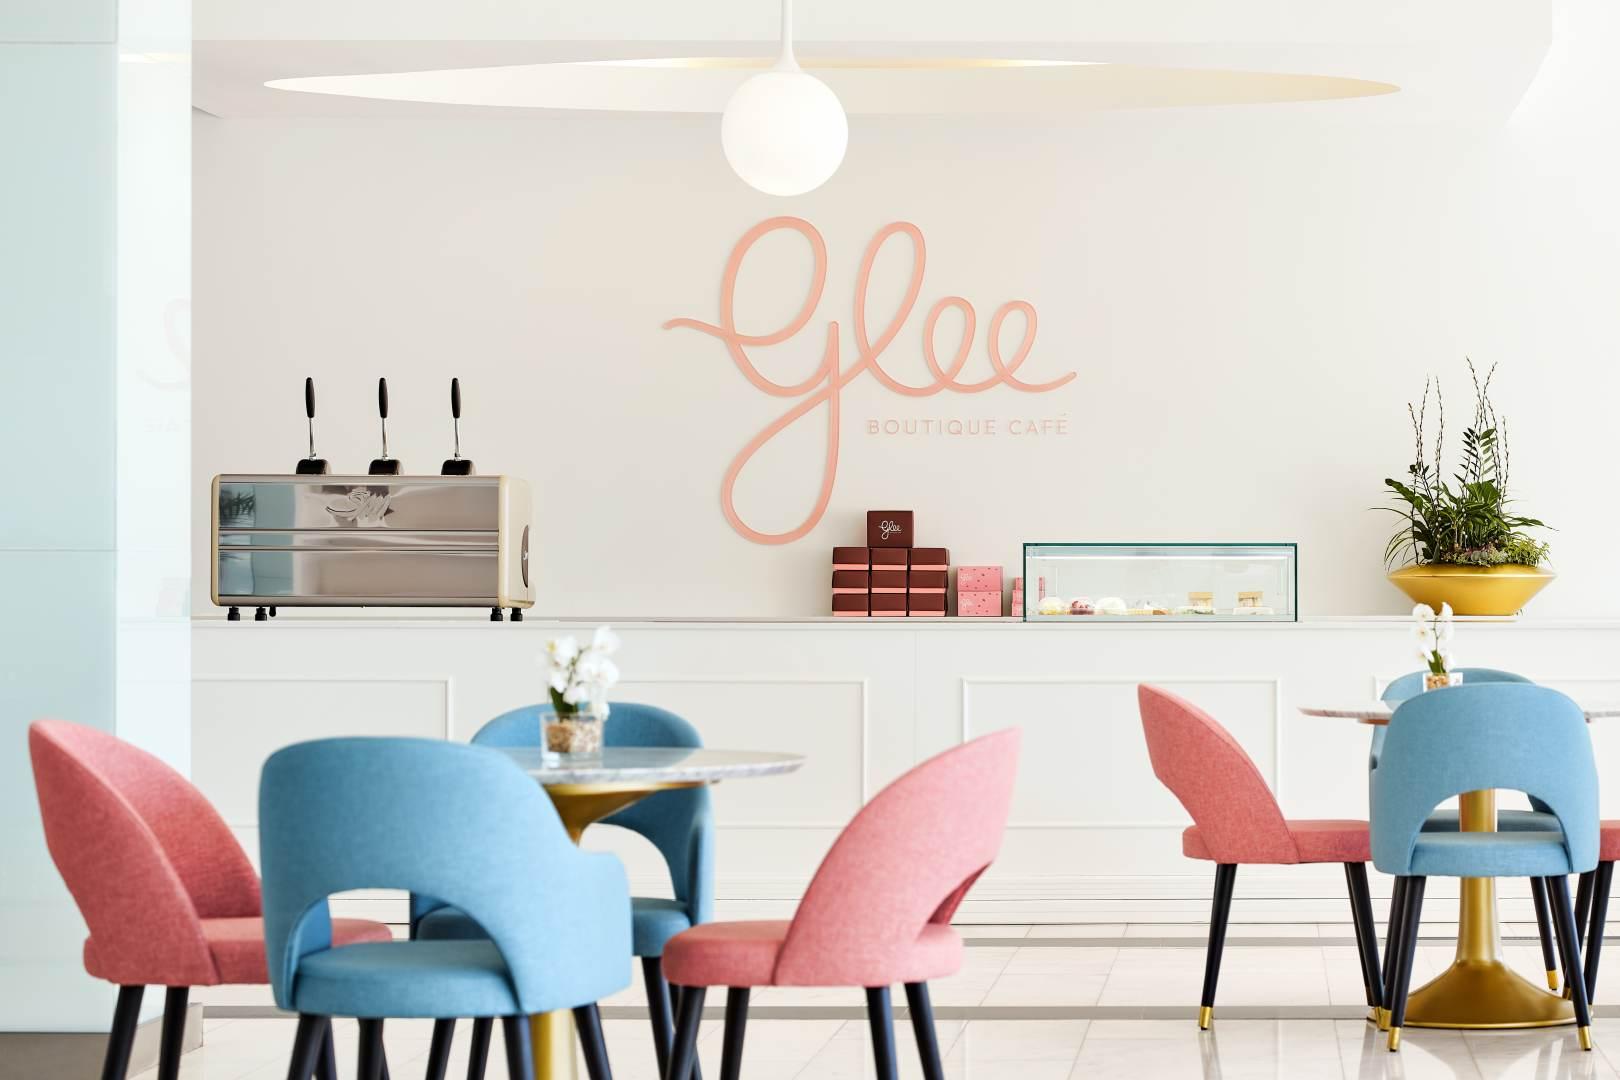 TIVOLI_MARINA_VILAMOURA_GLEE_BOUTIQUE_CAFE_6